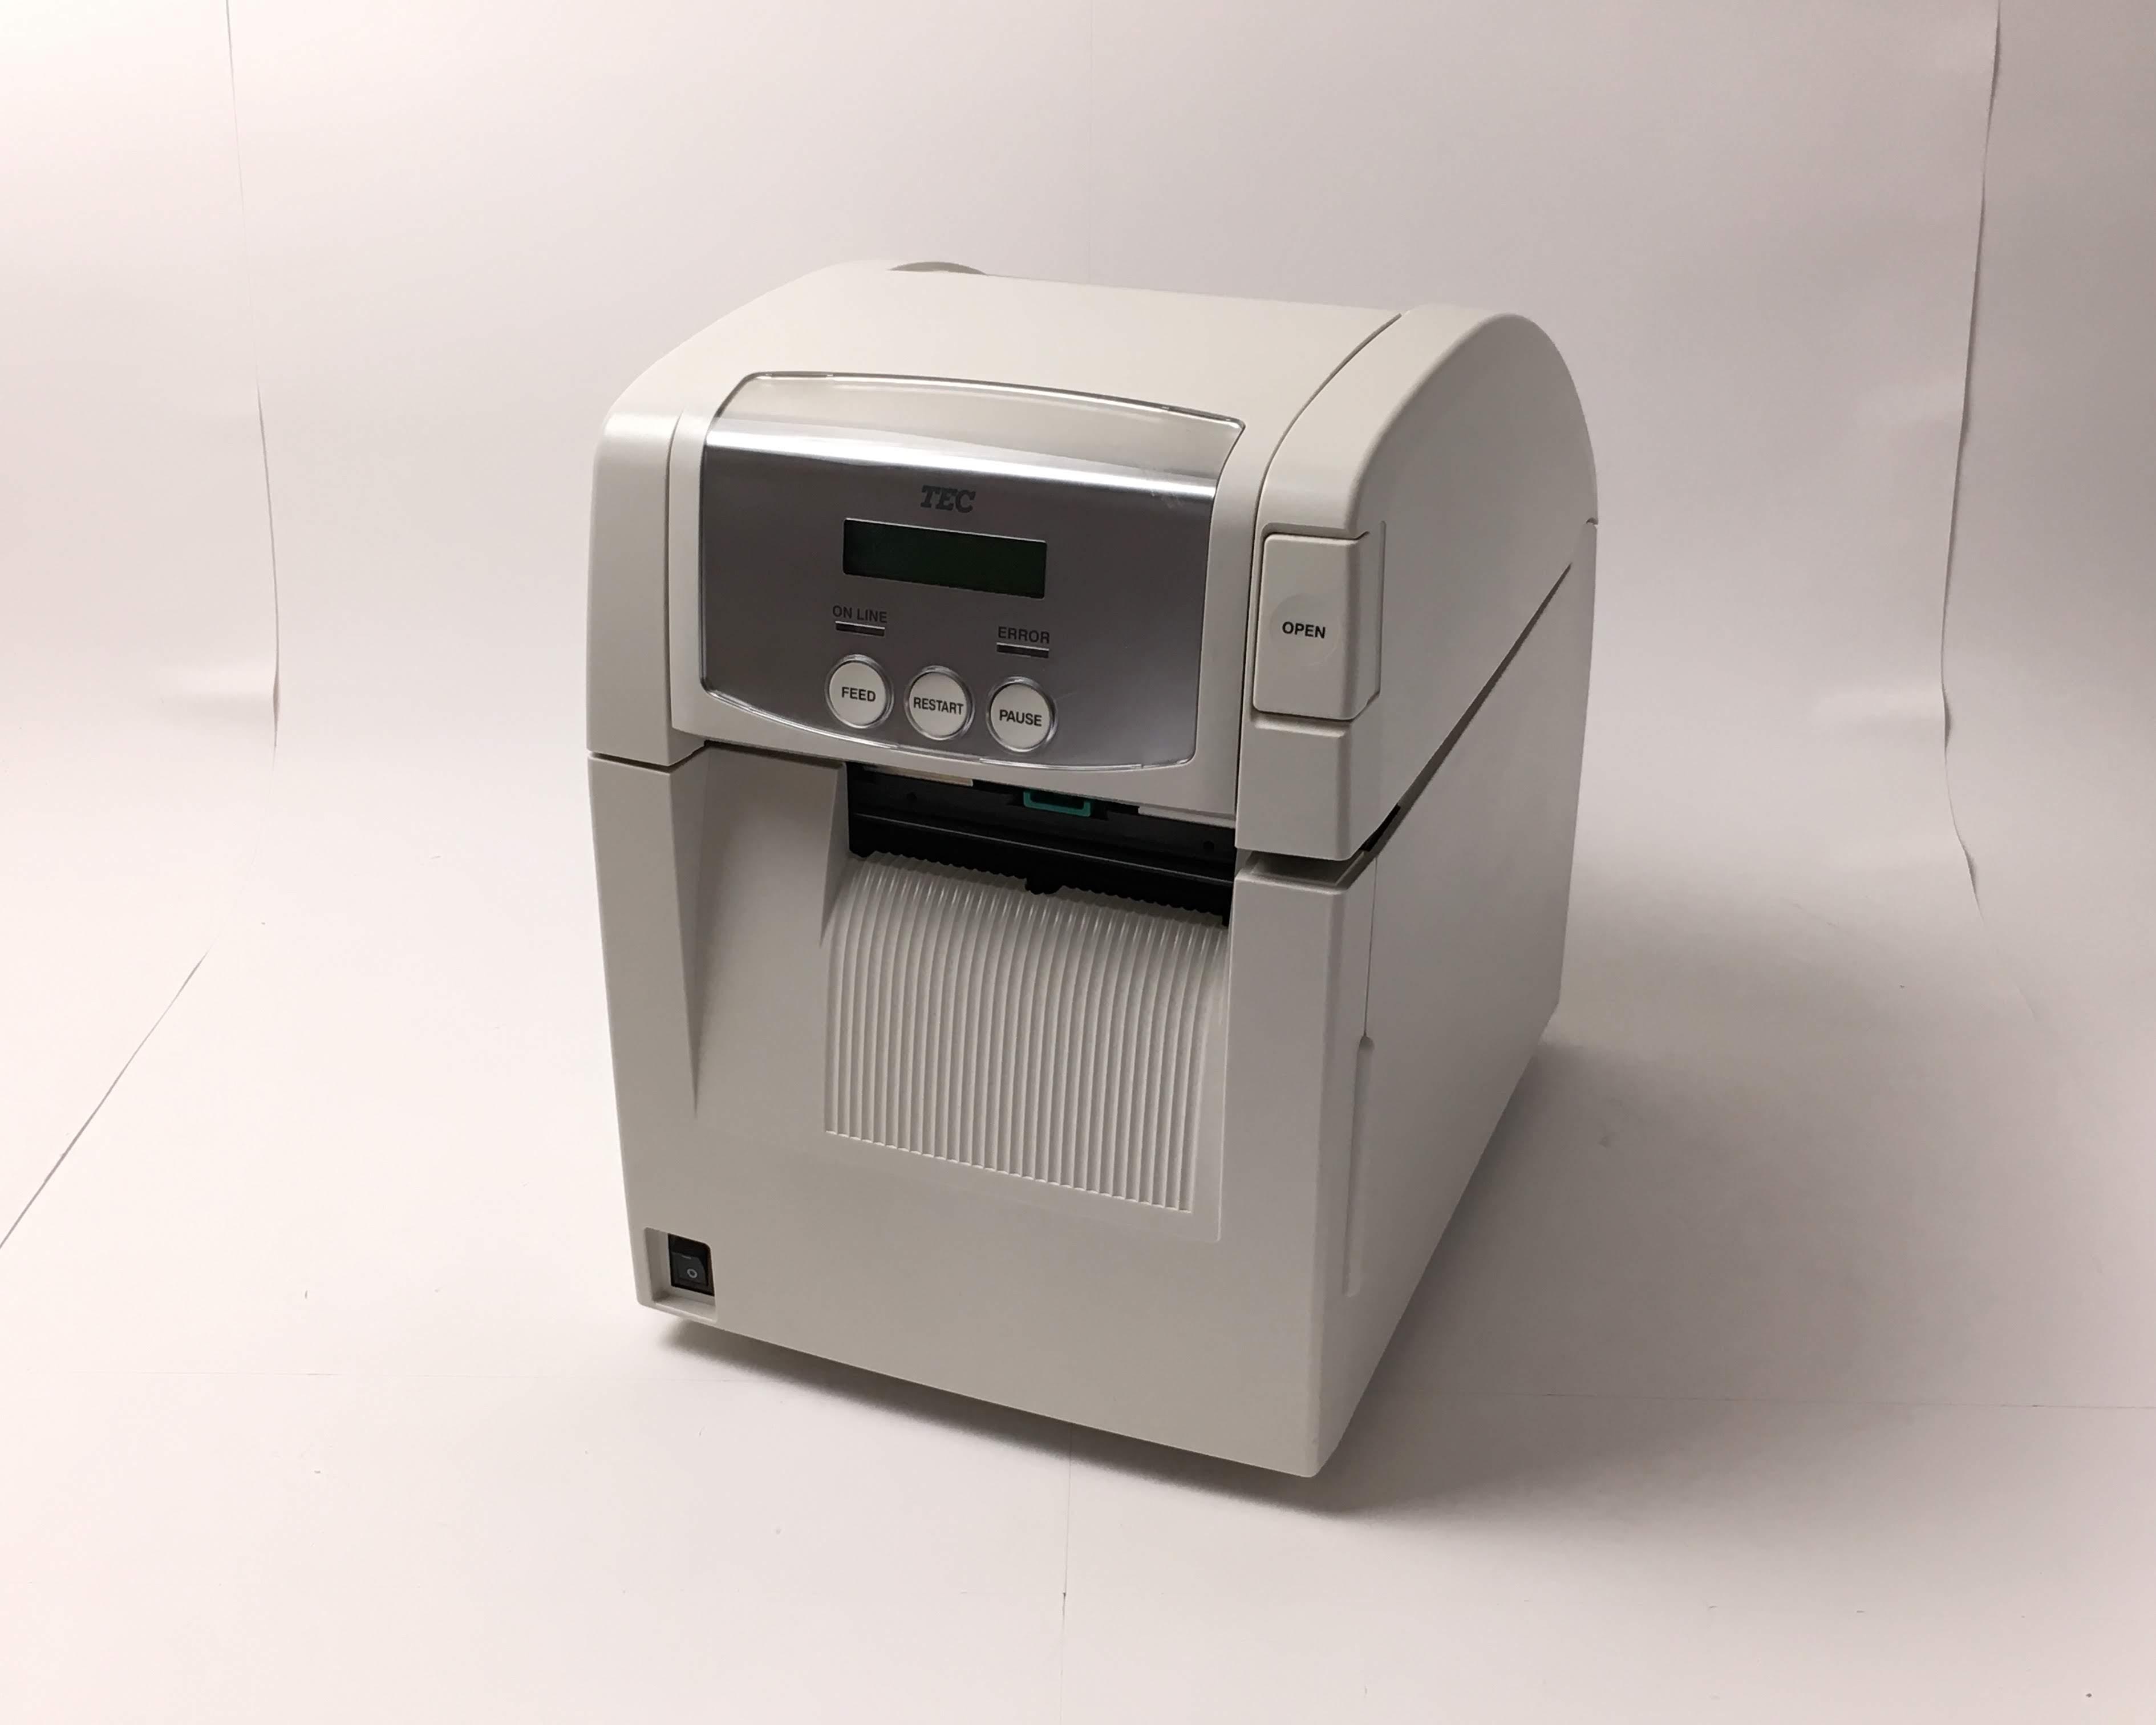 【中古】TEC バーコードプリンター B-SA4TP-TS15-R カッター付 メイン画像